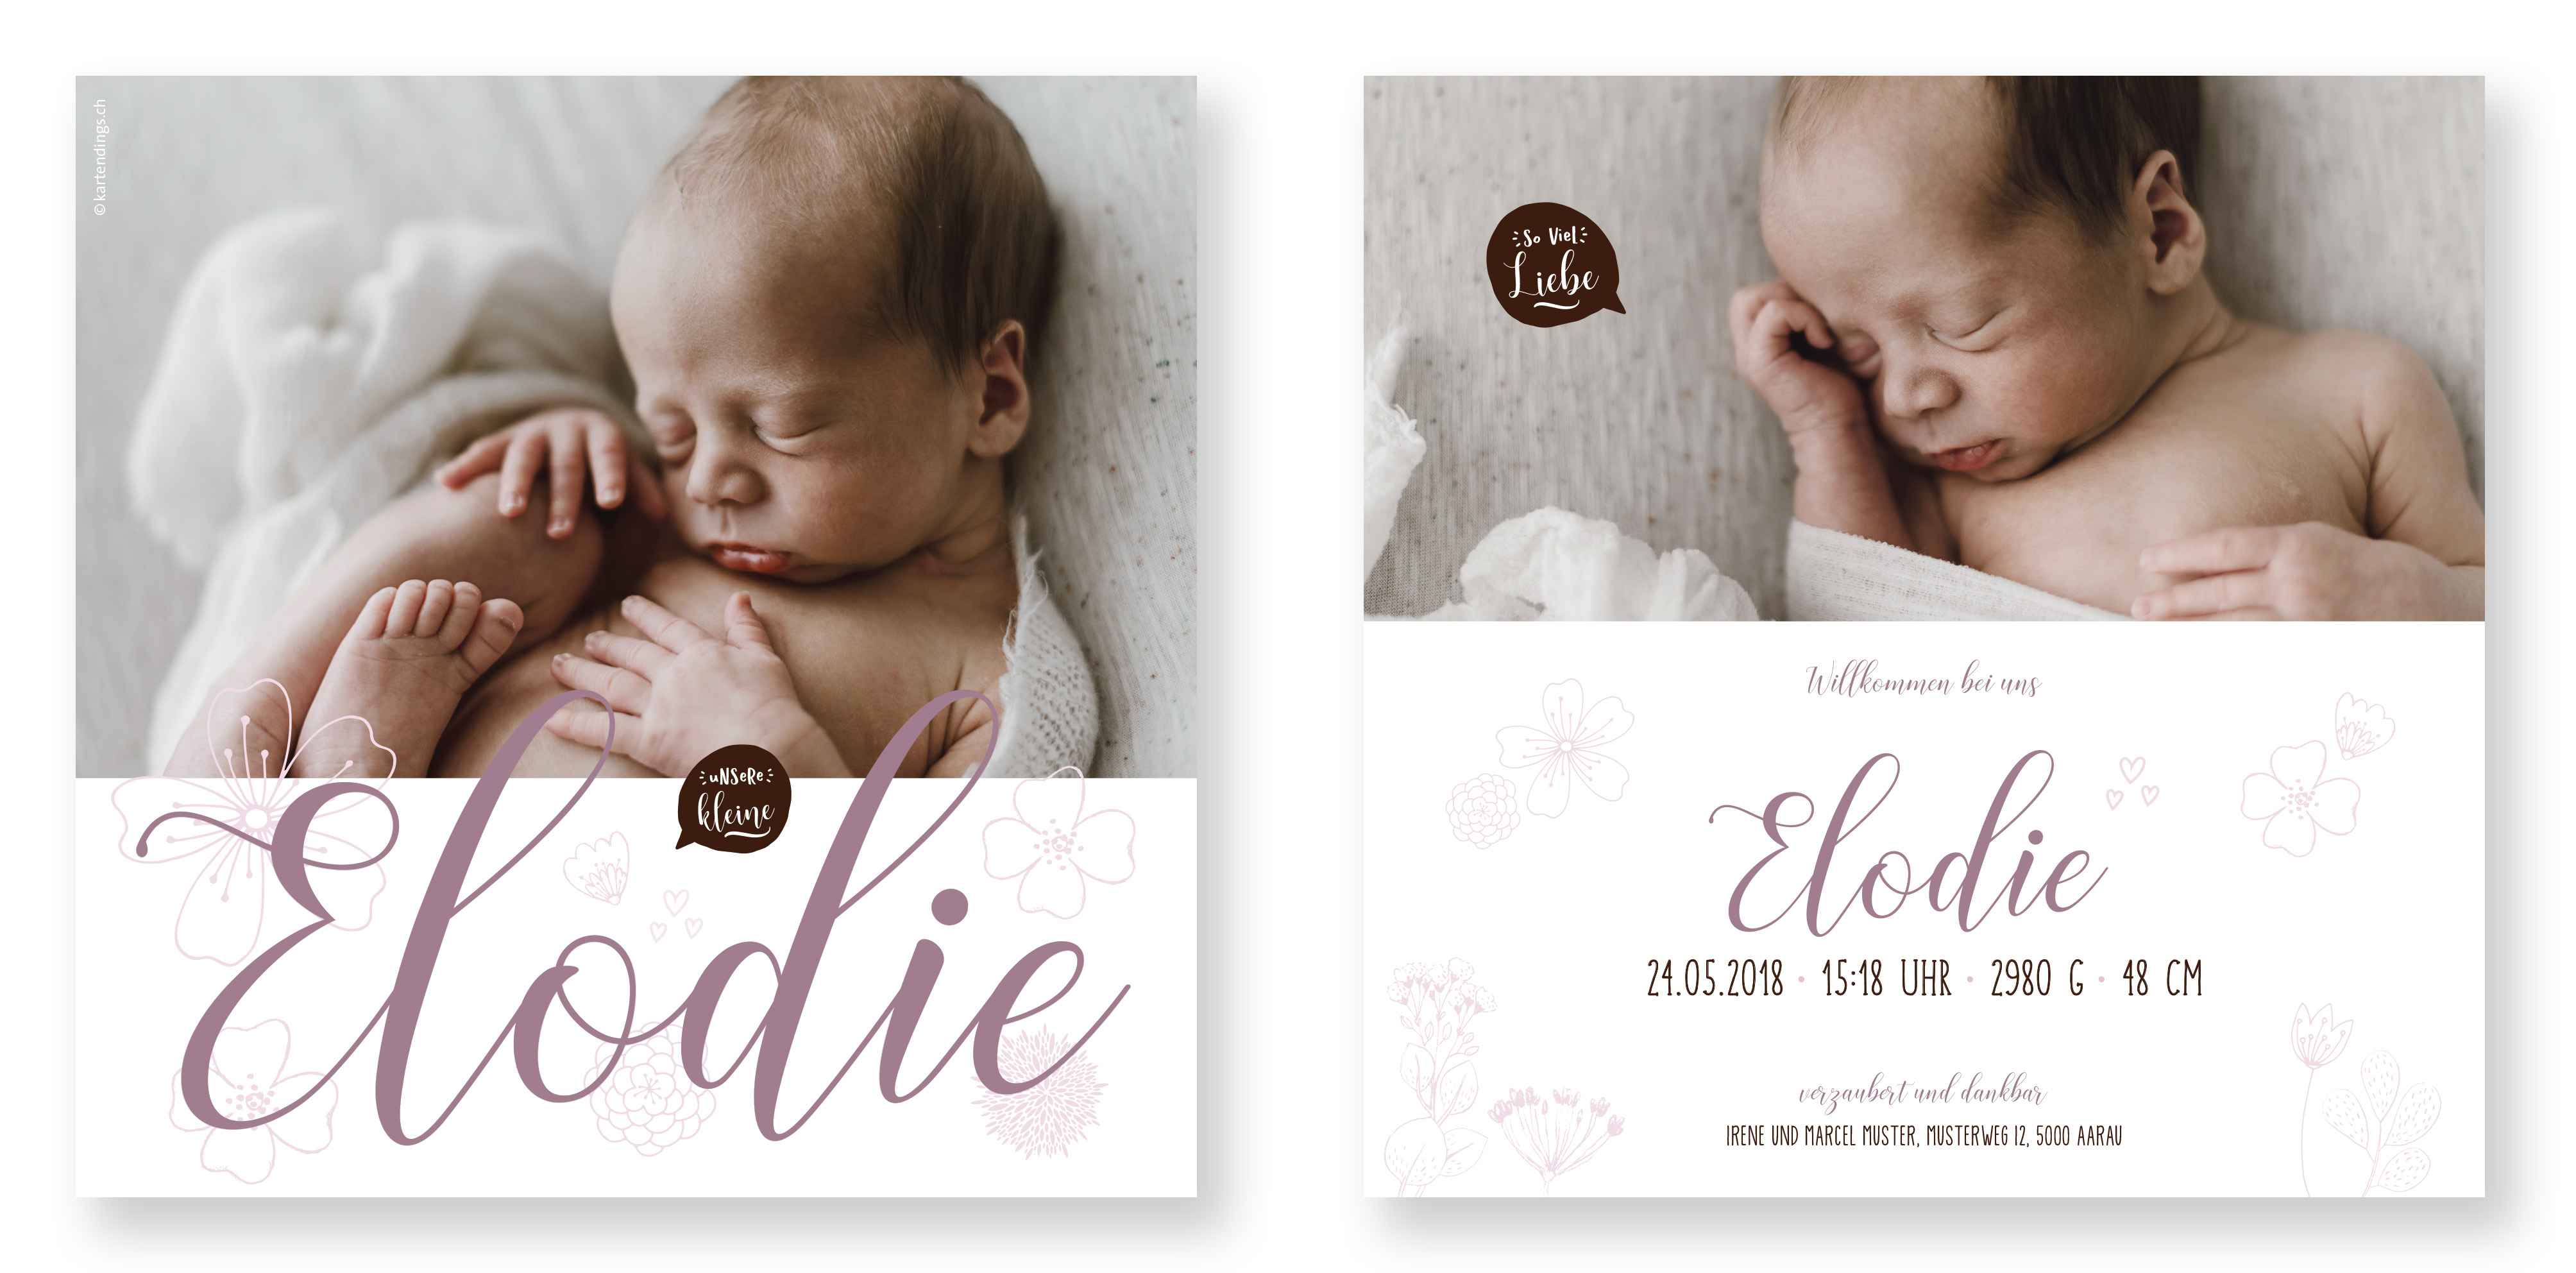 Ausgezeichnet Geburtsanzeige E Mail Vorlage Fotos ...